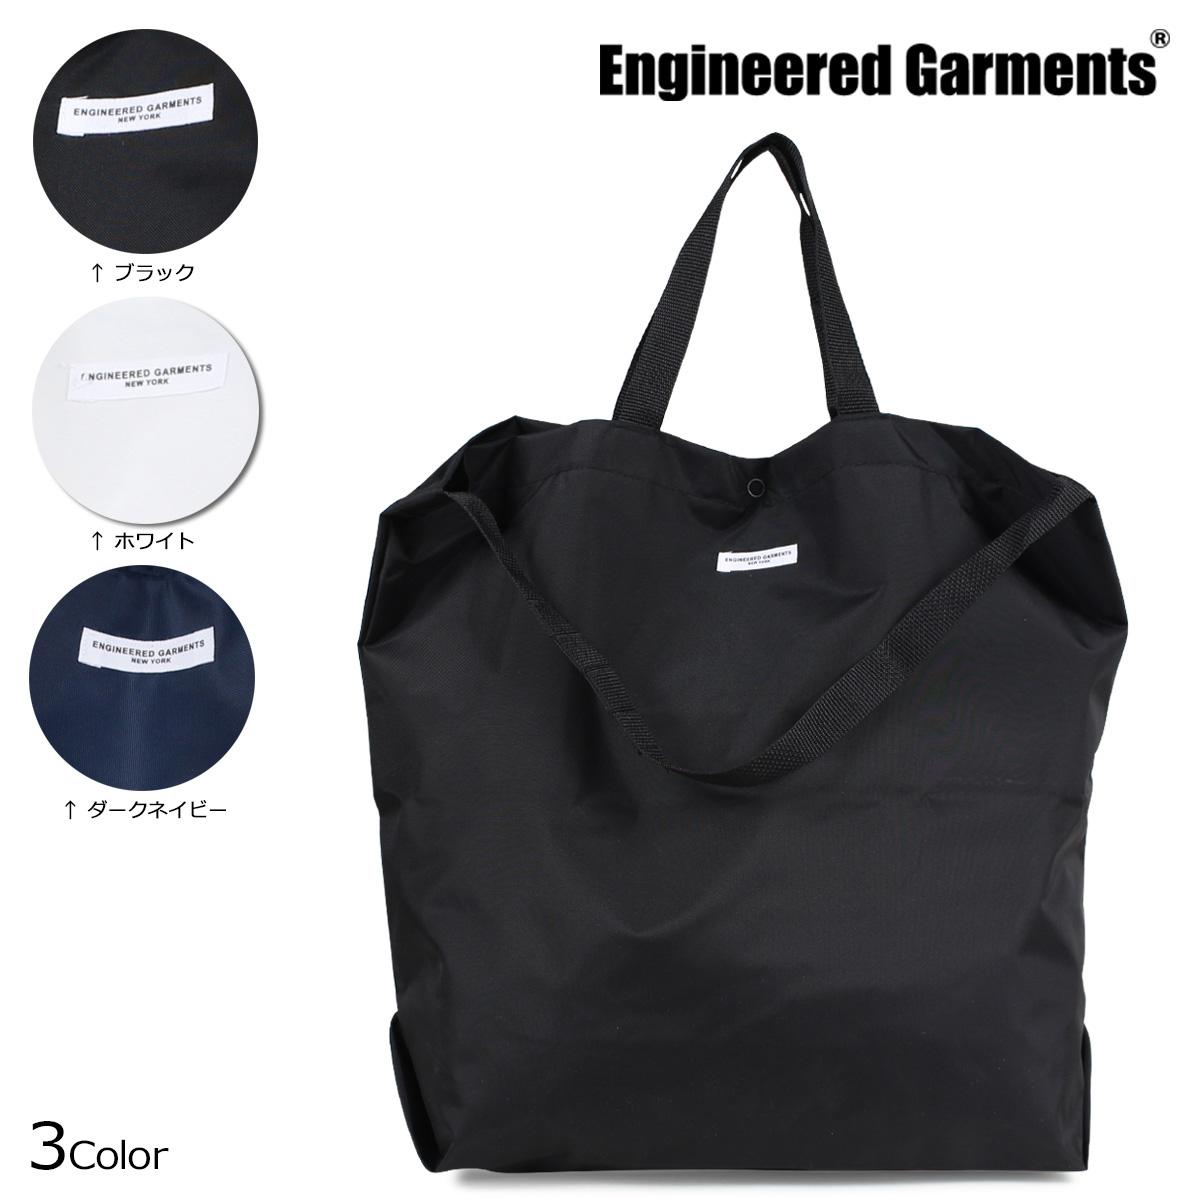 買い誠実 ENGINEERED GARMENTS エンジニアドガーメンツ ネイビー バッグ ENGINEERED メンズ レディース トートバッグ ブラック ショルダー CARRY ALL TOTE ブラック ホワイト ネイビー, 網走市:5e7df4ad --- paulogalvao.com